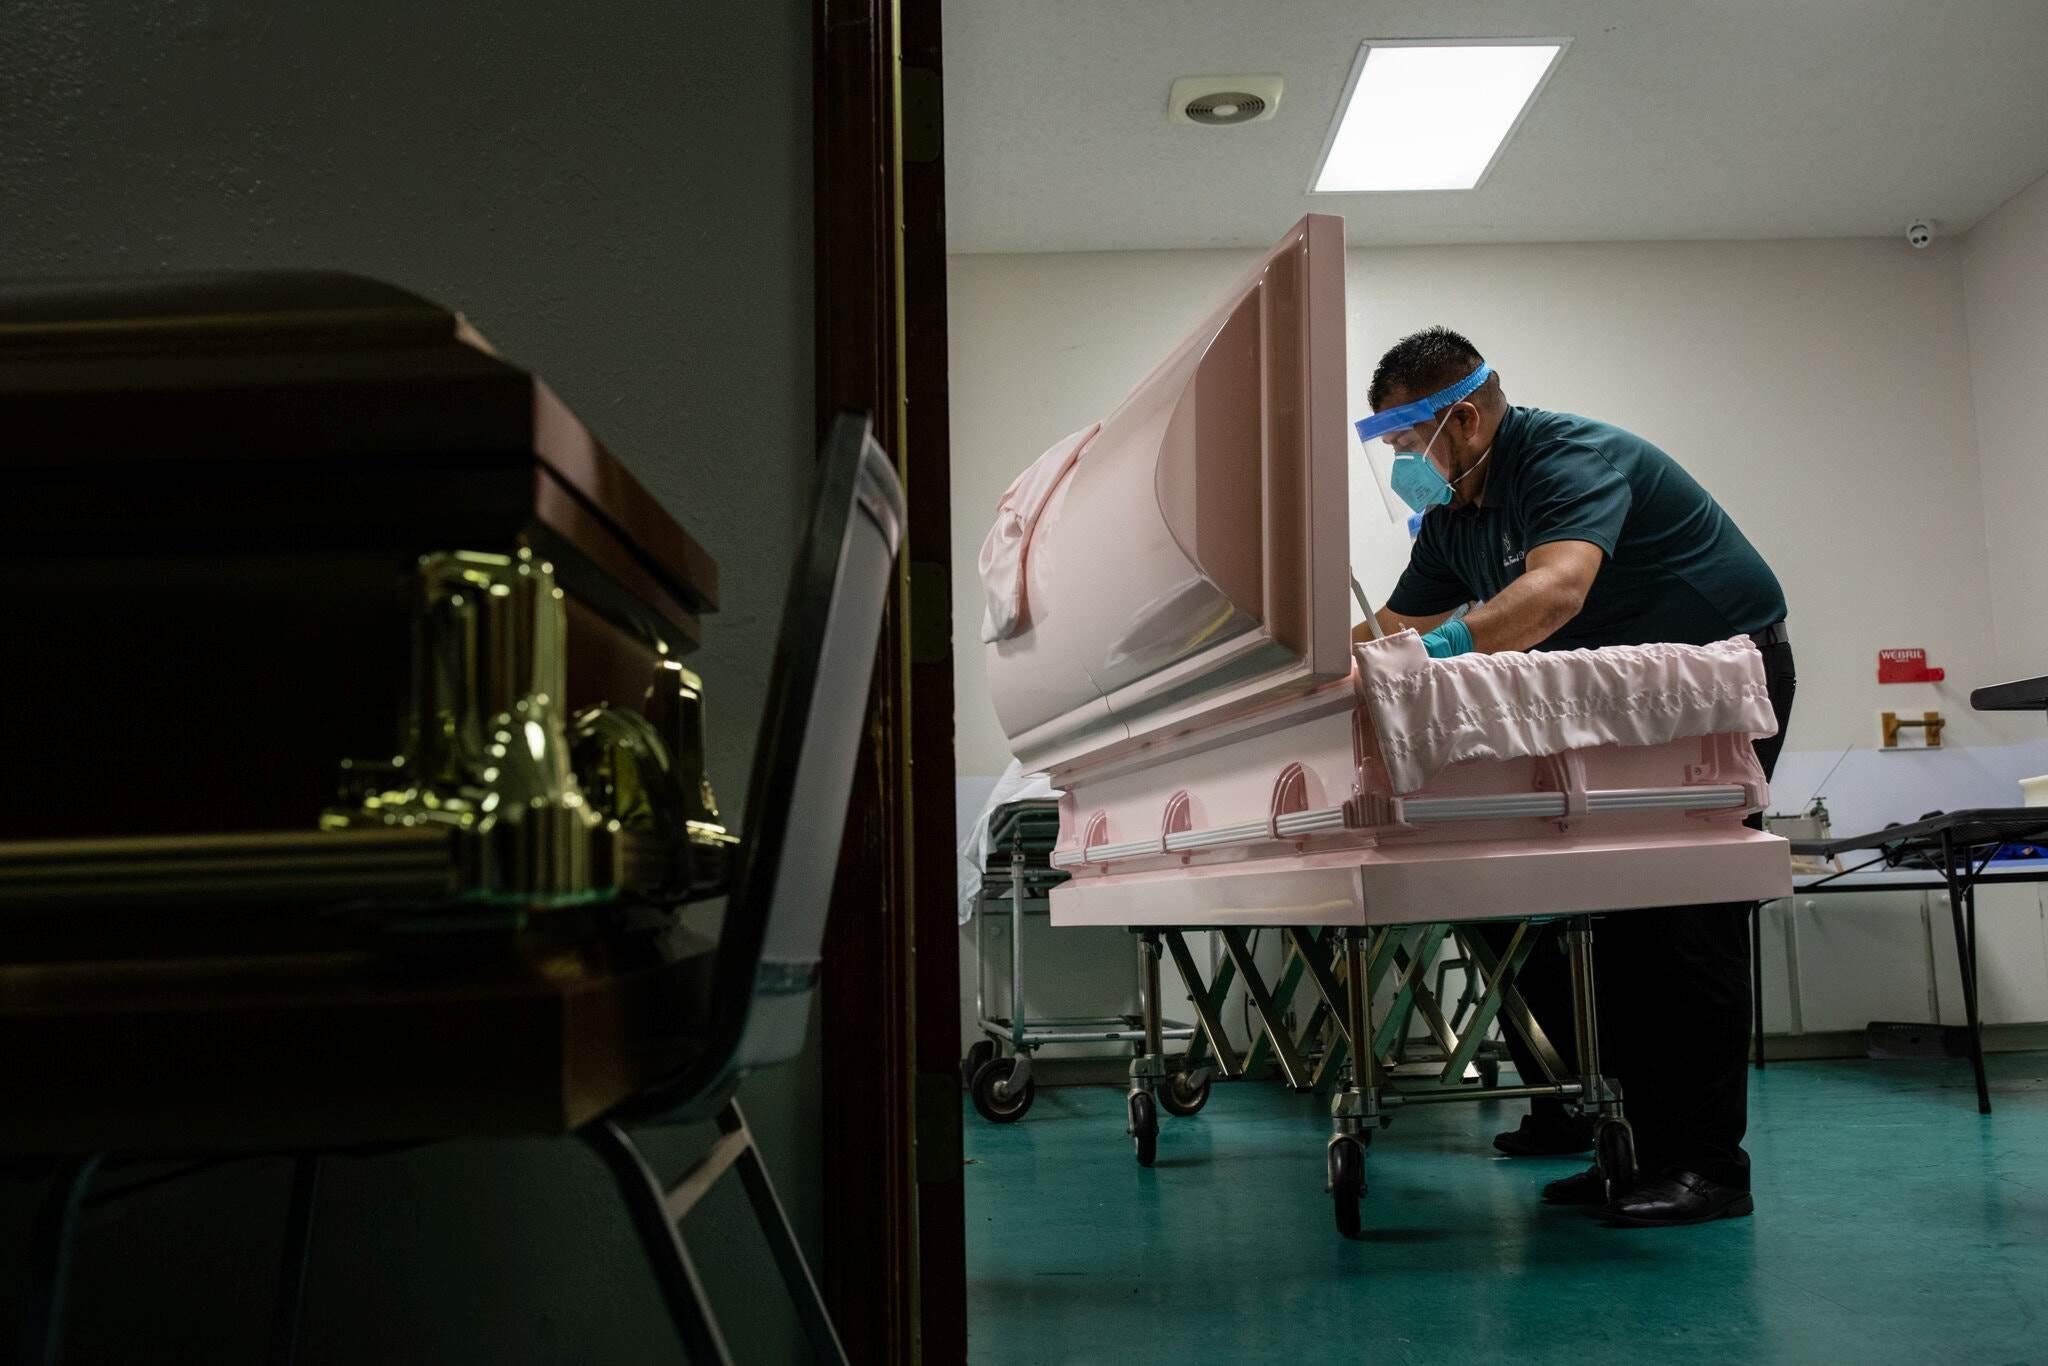 عامل يقوم بإعداد النعش لمتوفي بفيروس كورونا في براونزفيل بولاية تكساس.